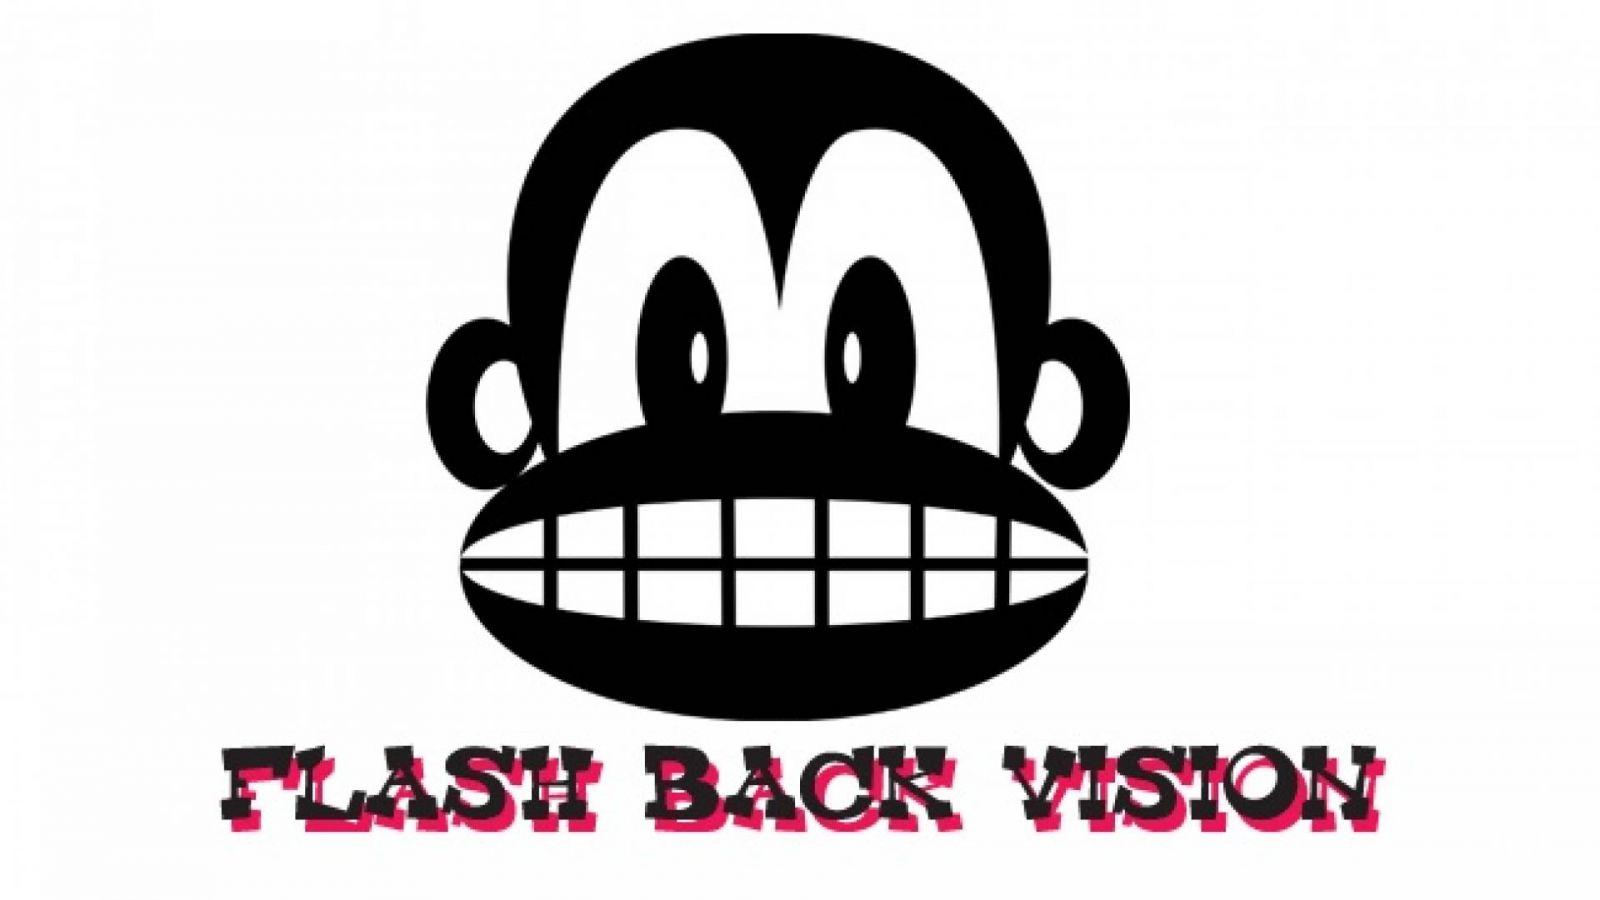 Flash Back Vision © Flash Back Vision